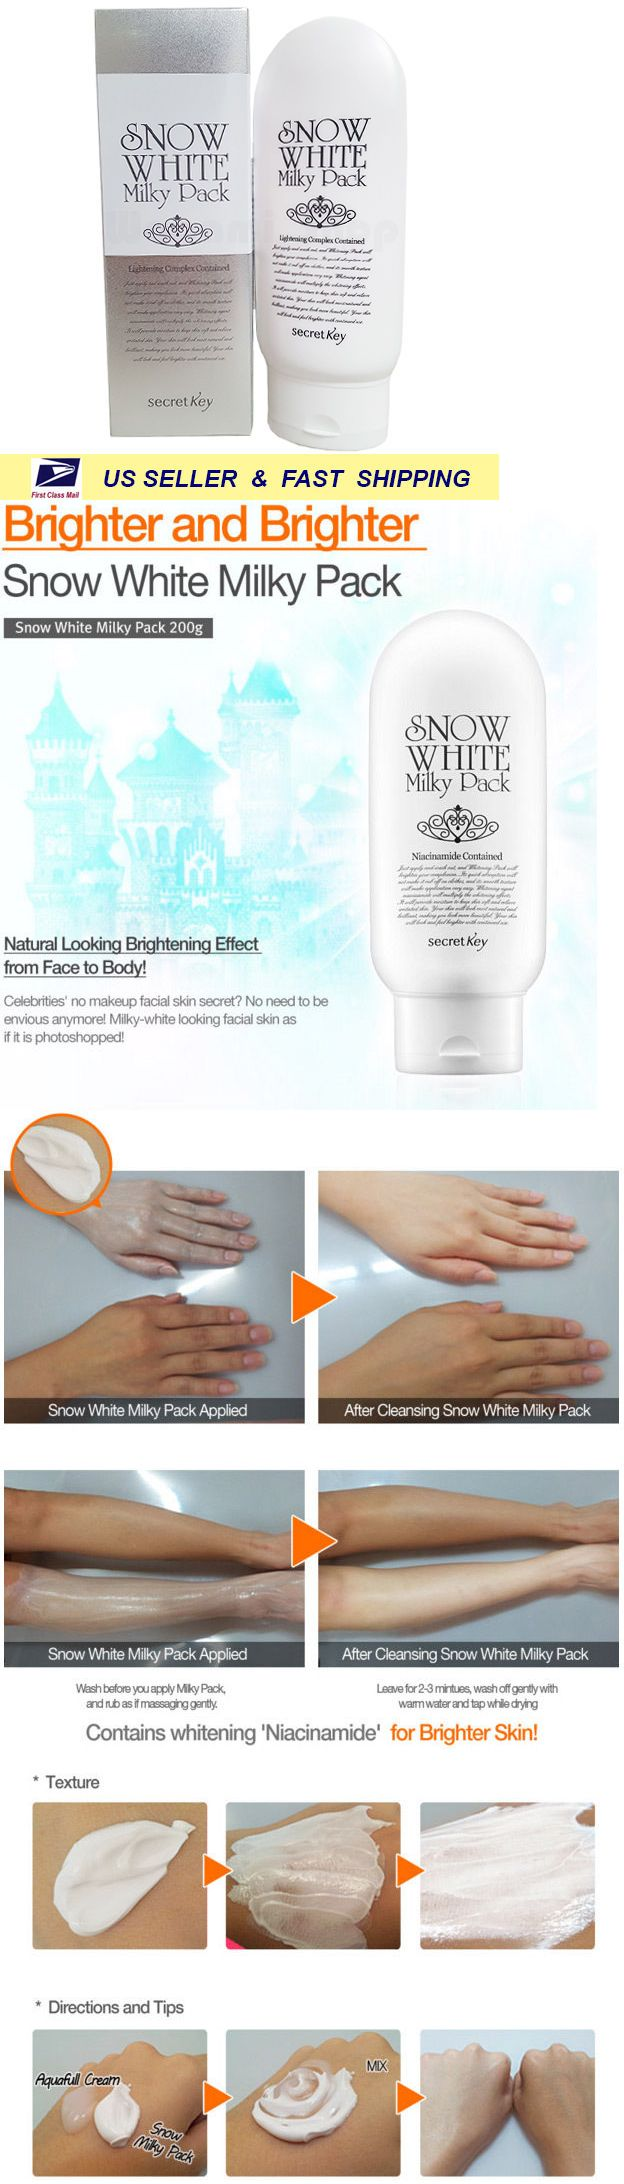 Lightening Cream 40088 Secret Key Snow White Milky Pack 200g New Fresh Buy It Now Only 1348 On Ebay